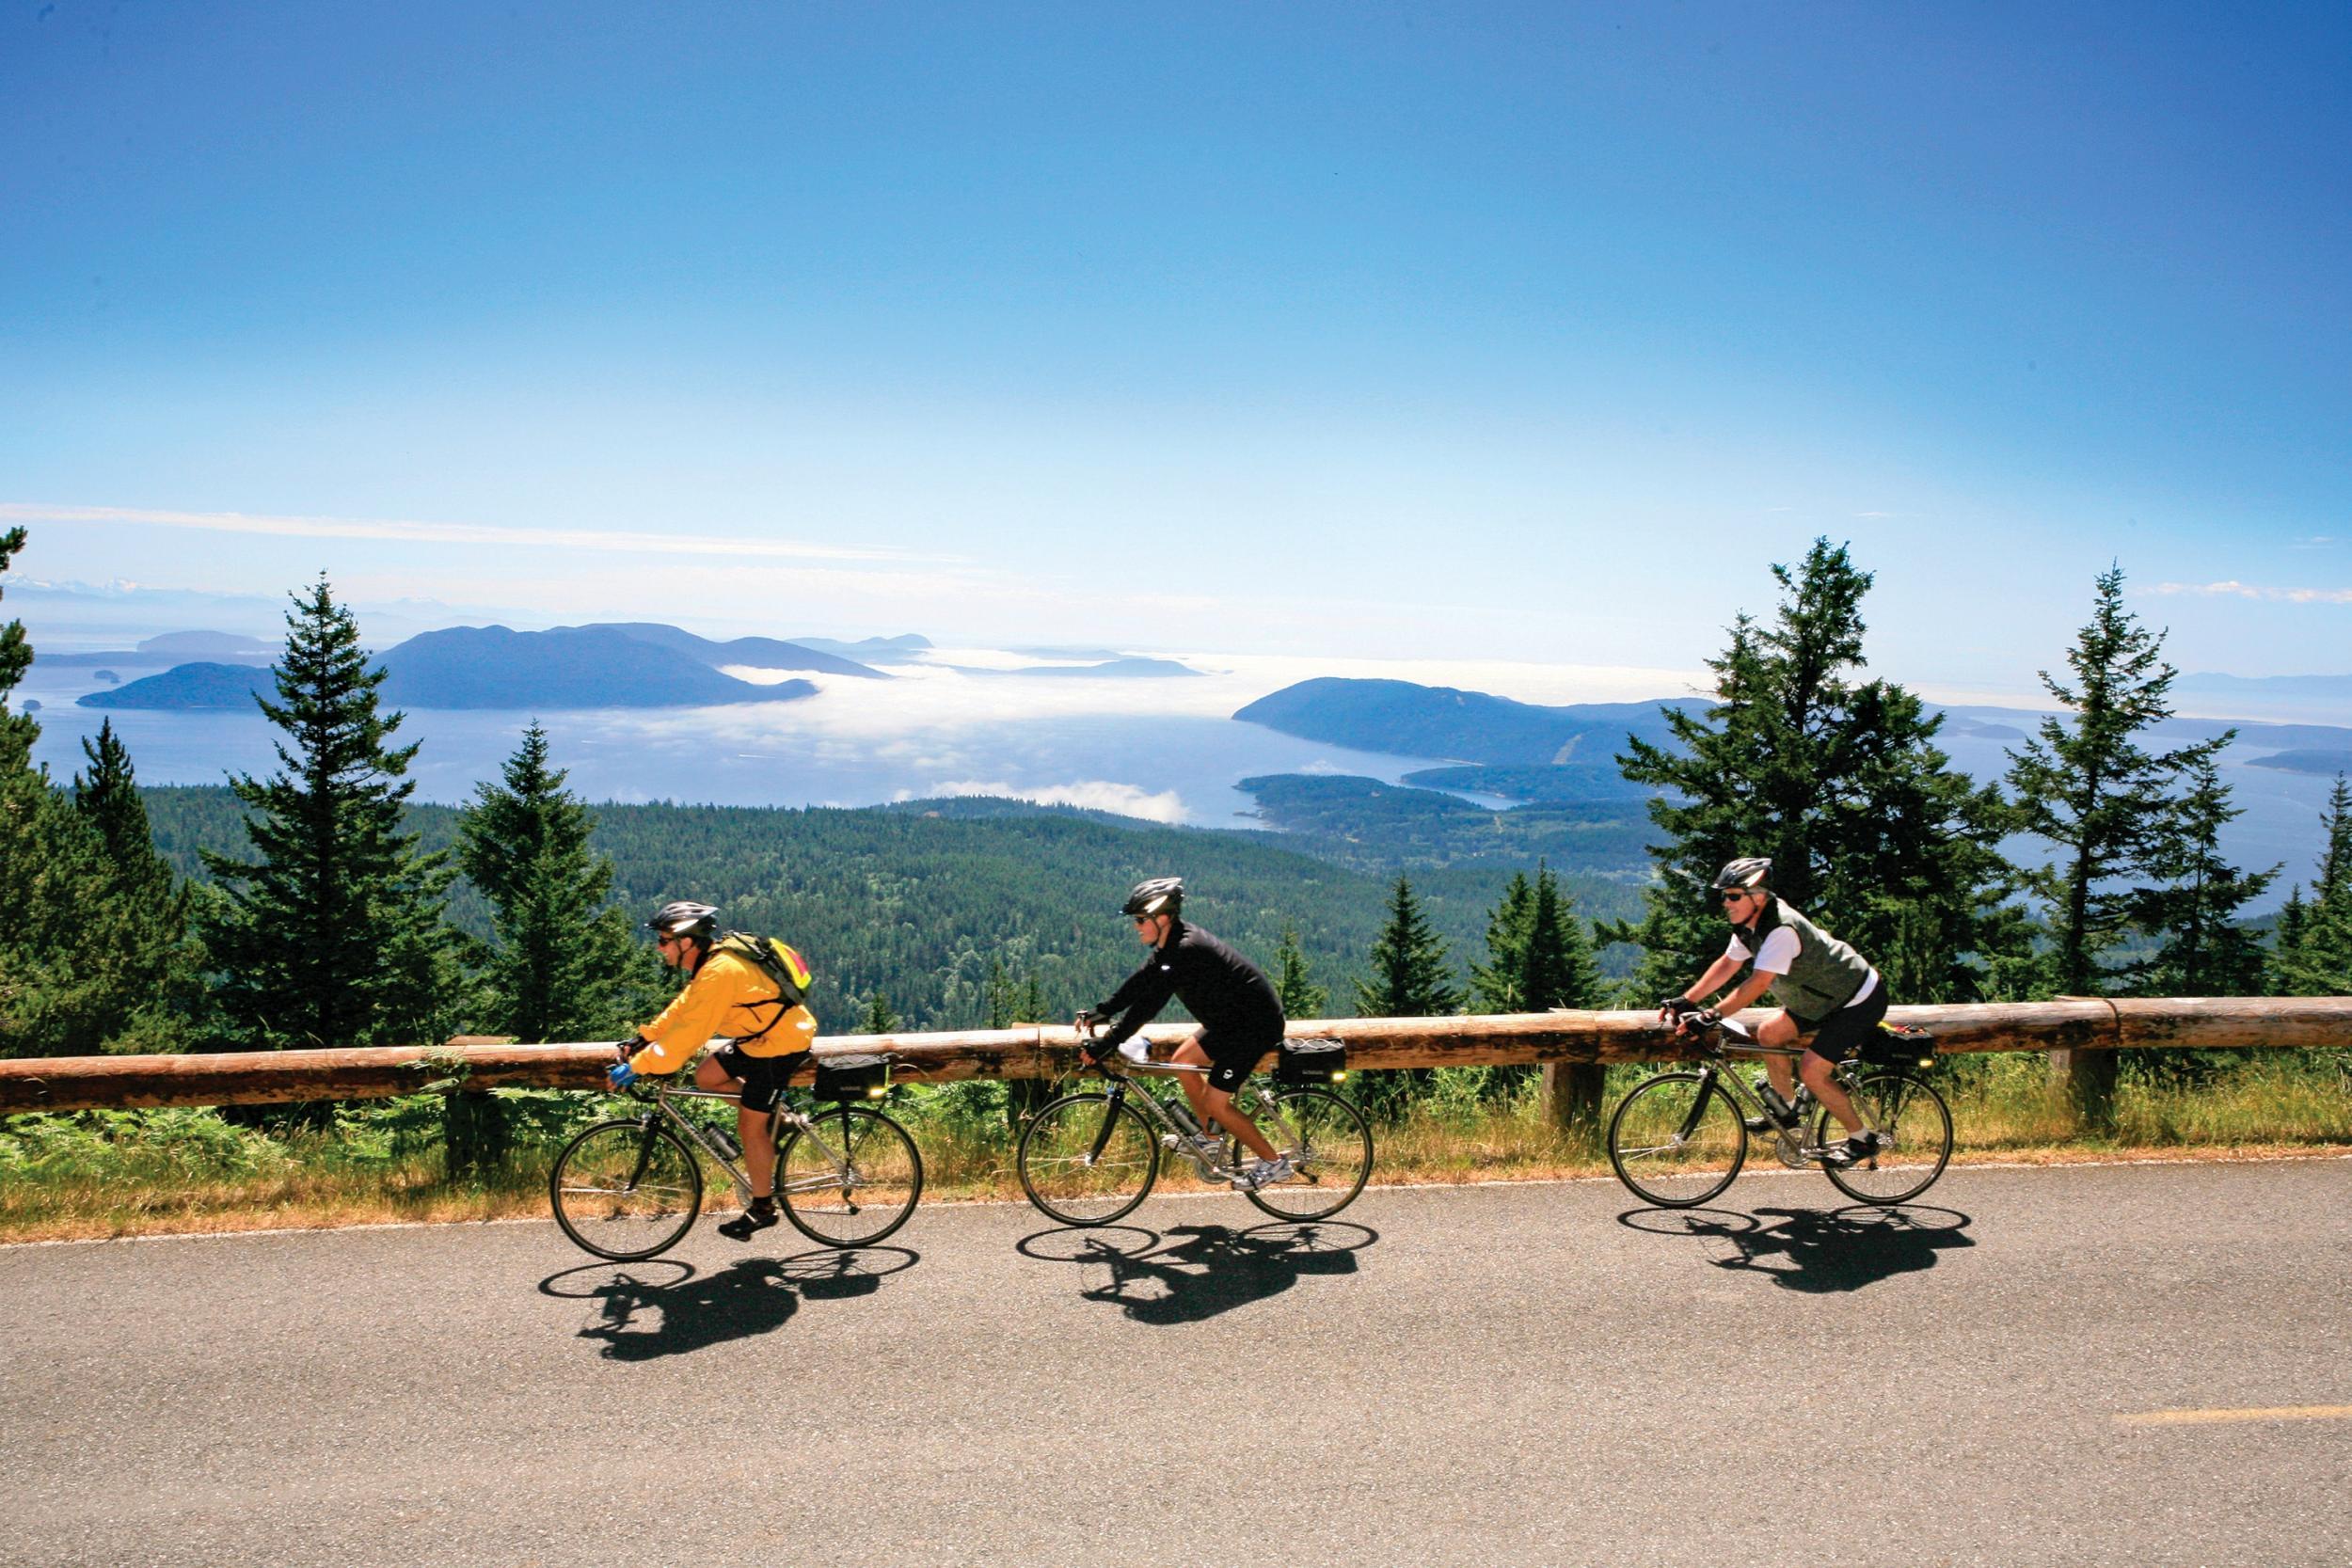 San_juan_islands_cycle_tour